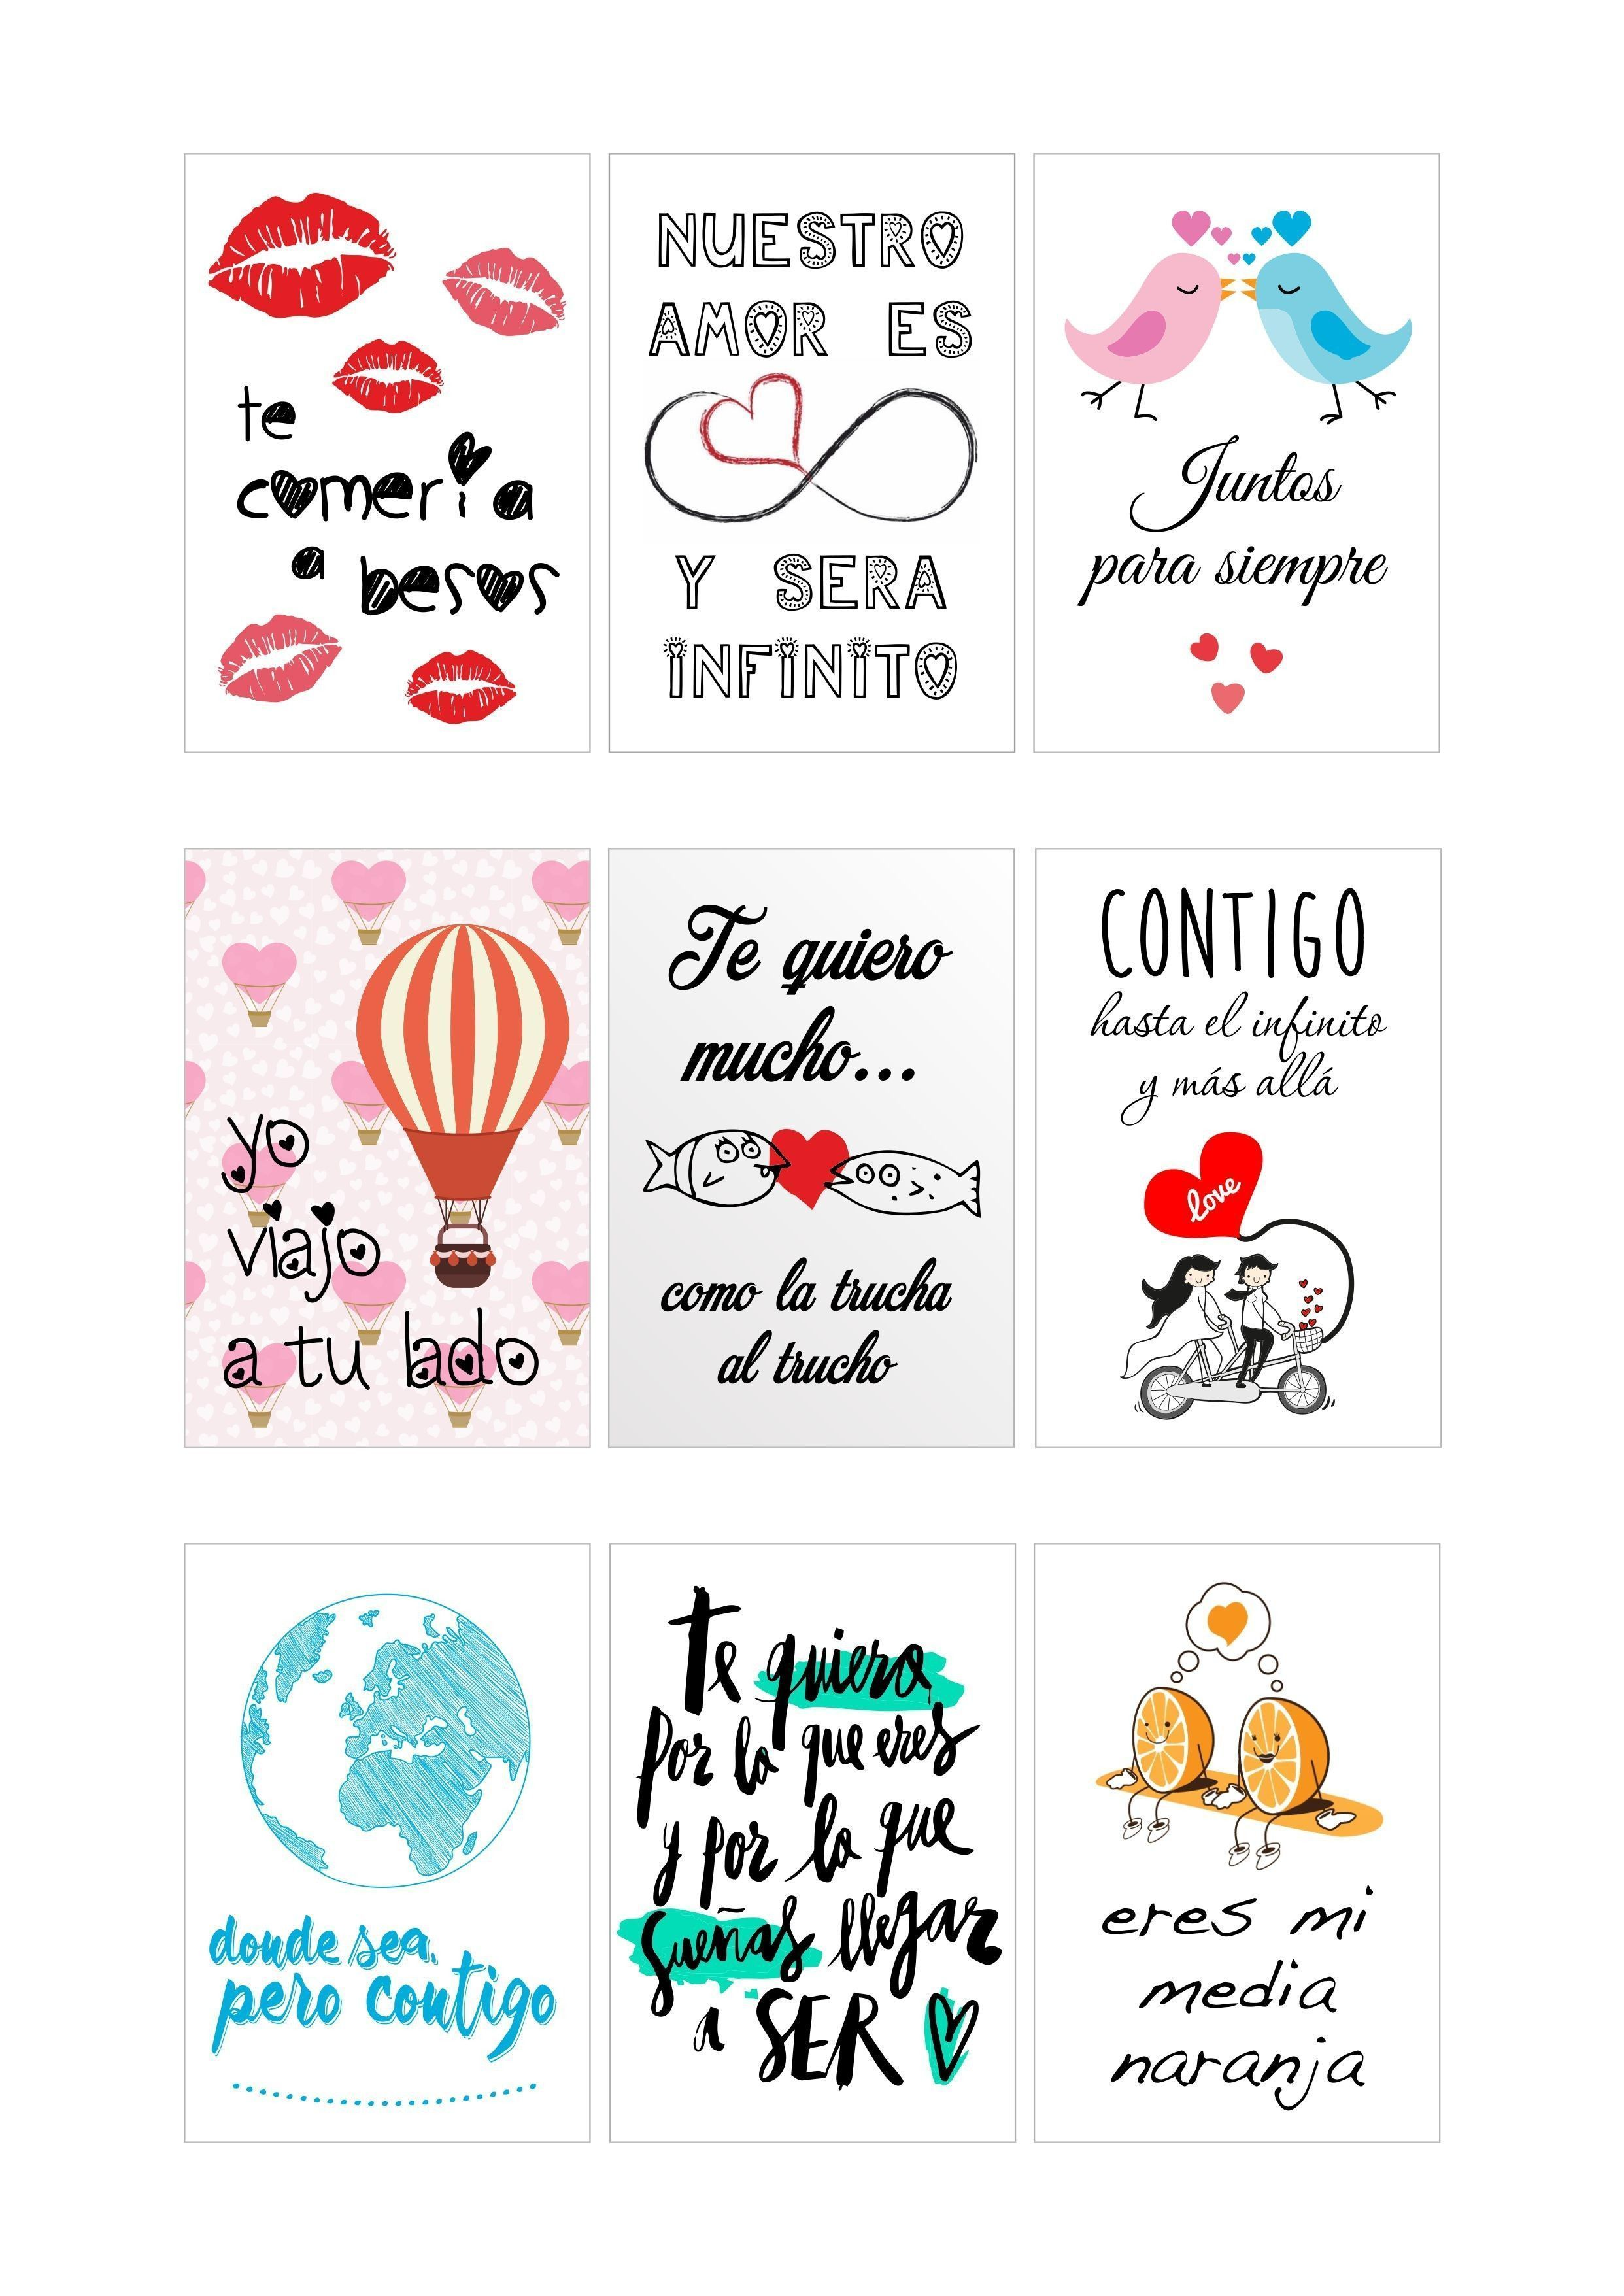 De Cupcakes Galletas Valentín Papel Frases San Azucar Amor roWQdCBxe